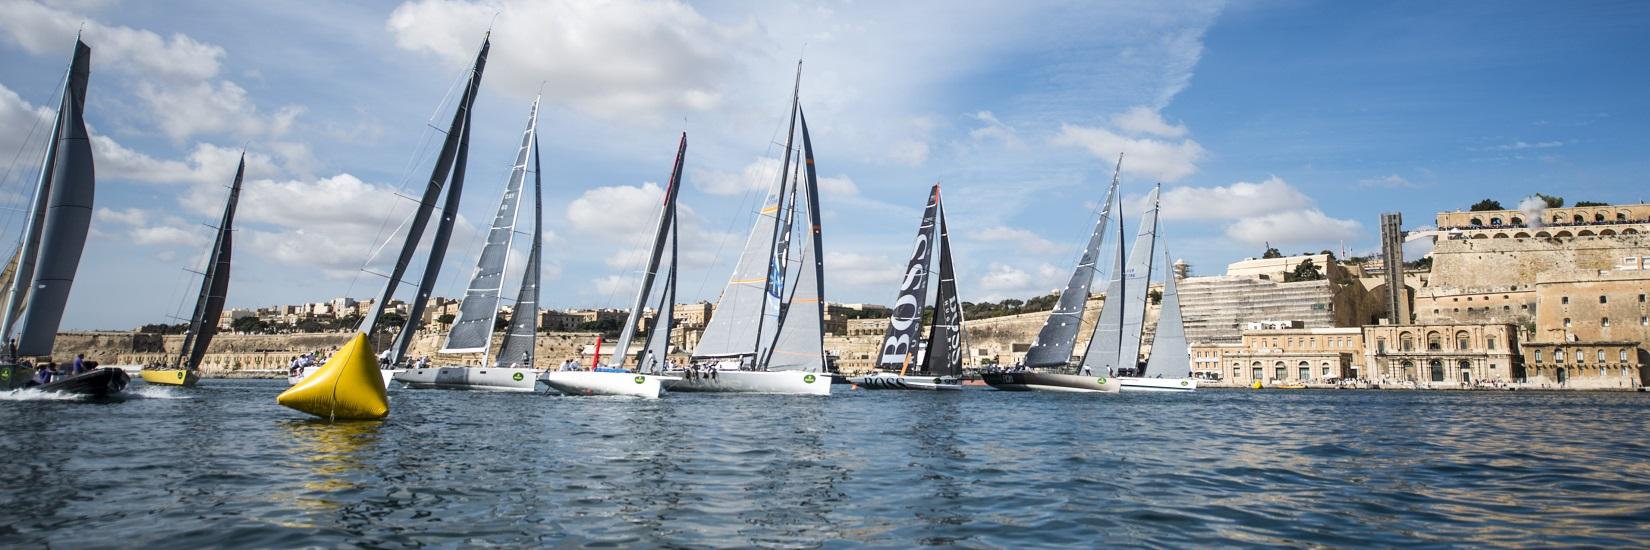 MIDDLE SEA RACE 2016 – LA REGATA FORMAZIONE DELL'EQUIPAGGIO CI SIAMO!